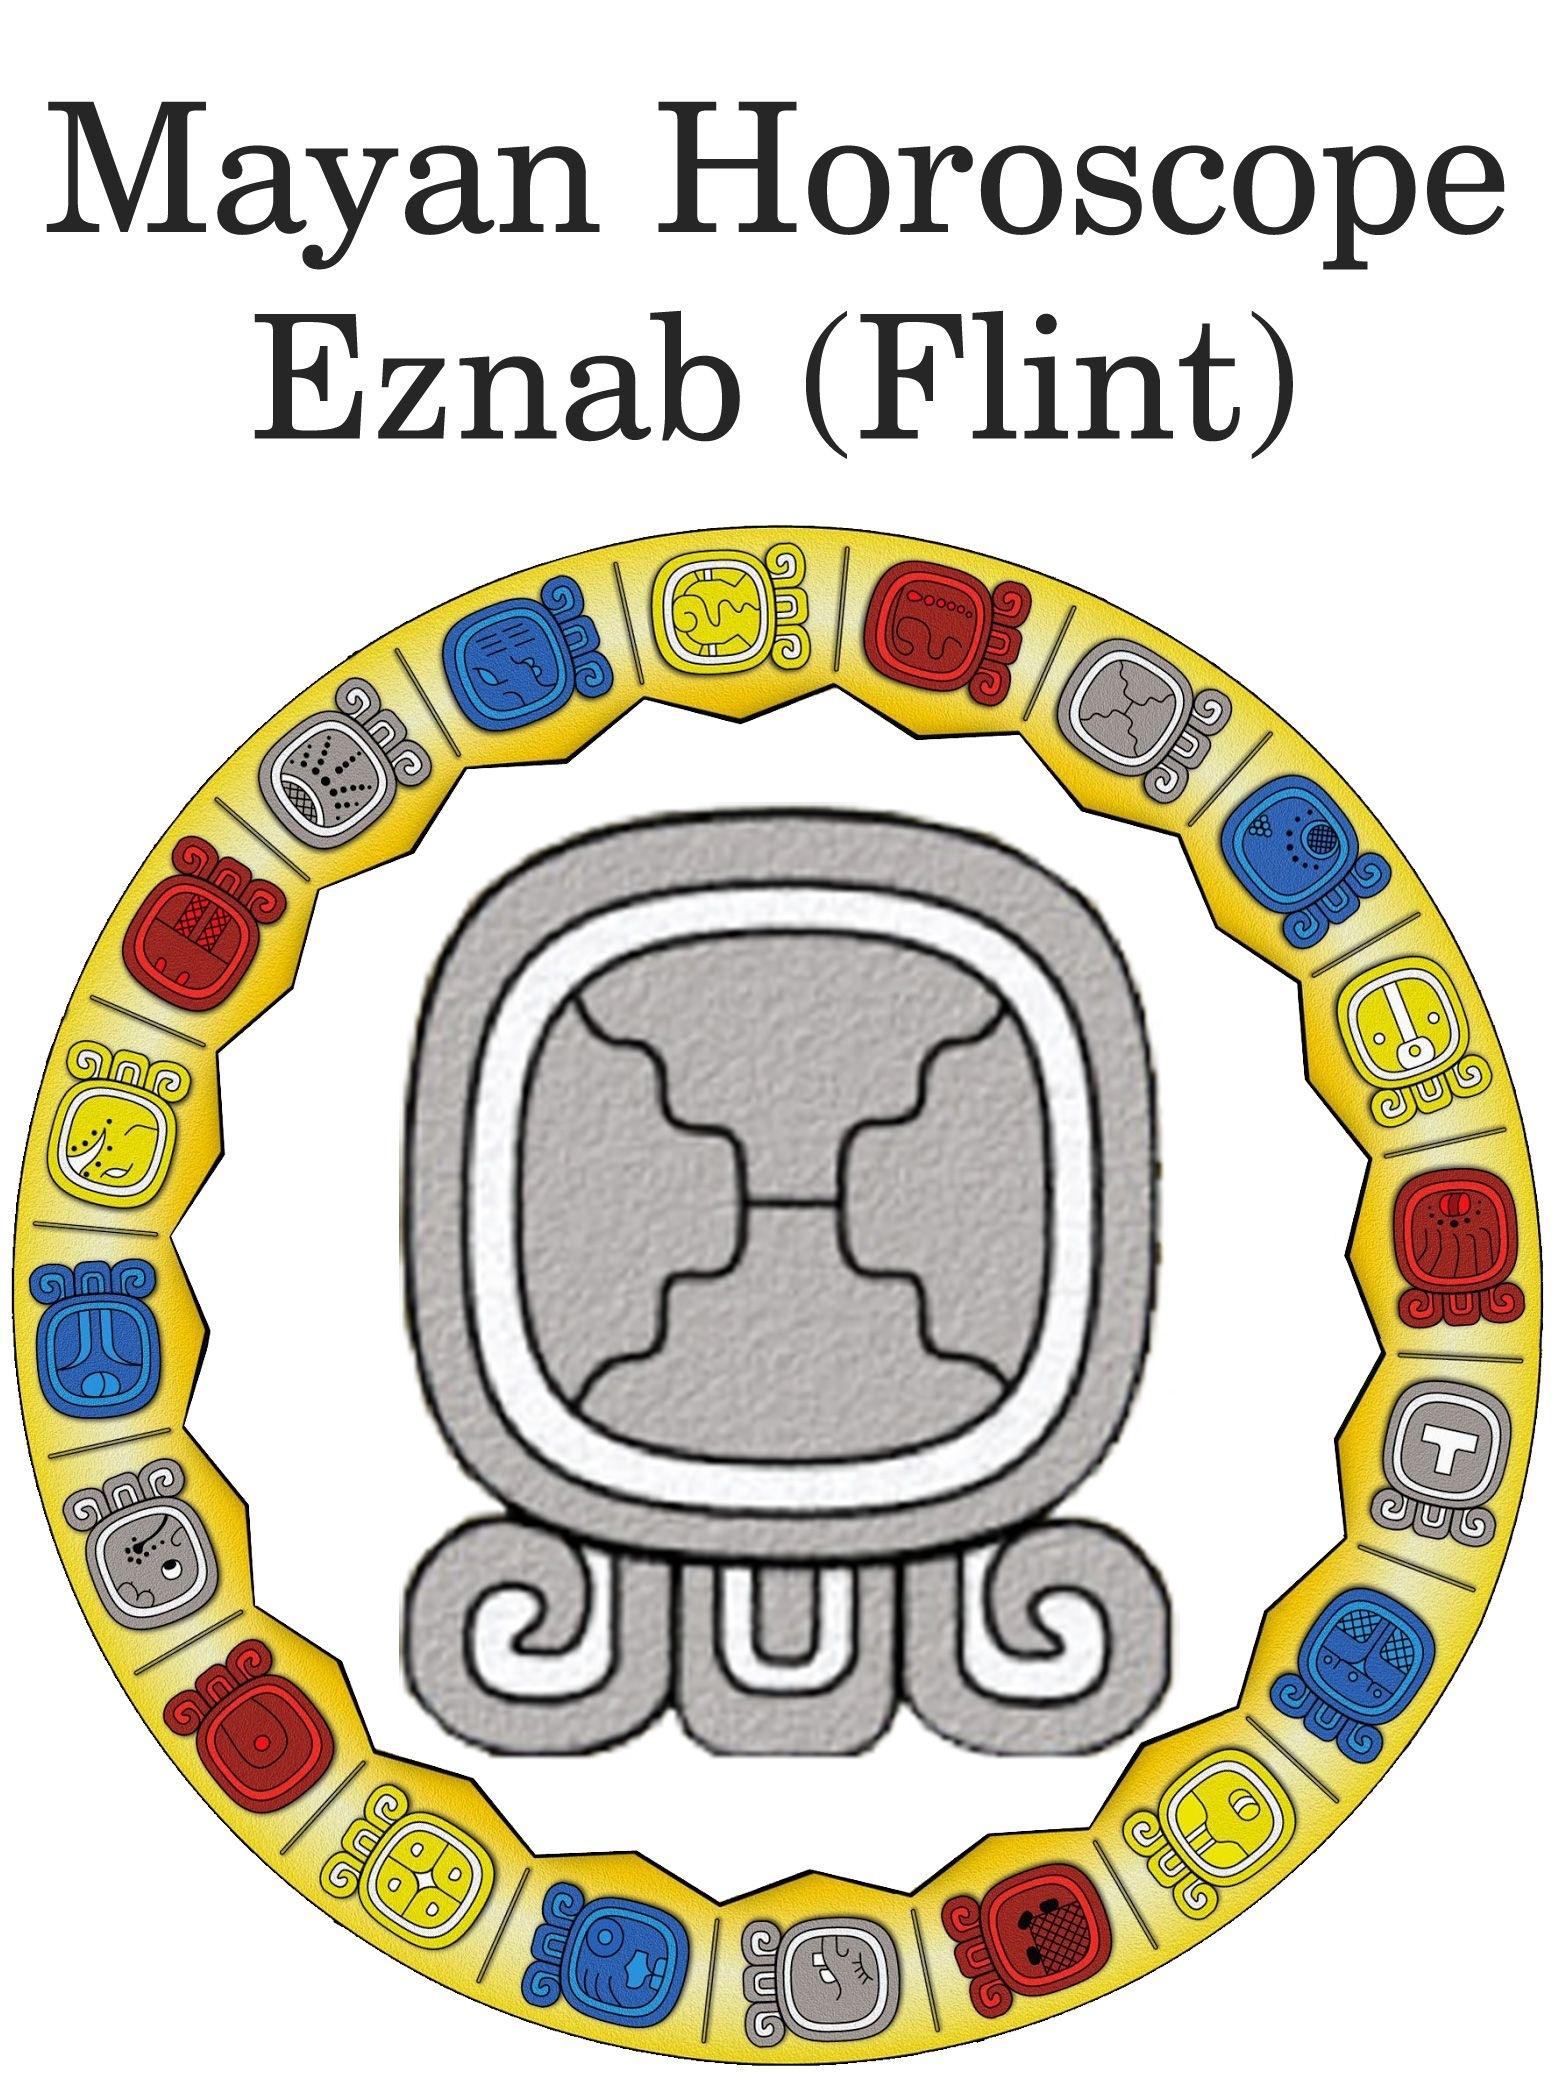 Eznab (Flint) – Mayan Horoscope (With Images) | Horoscope